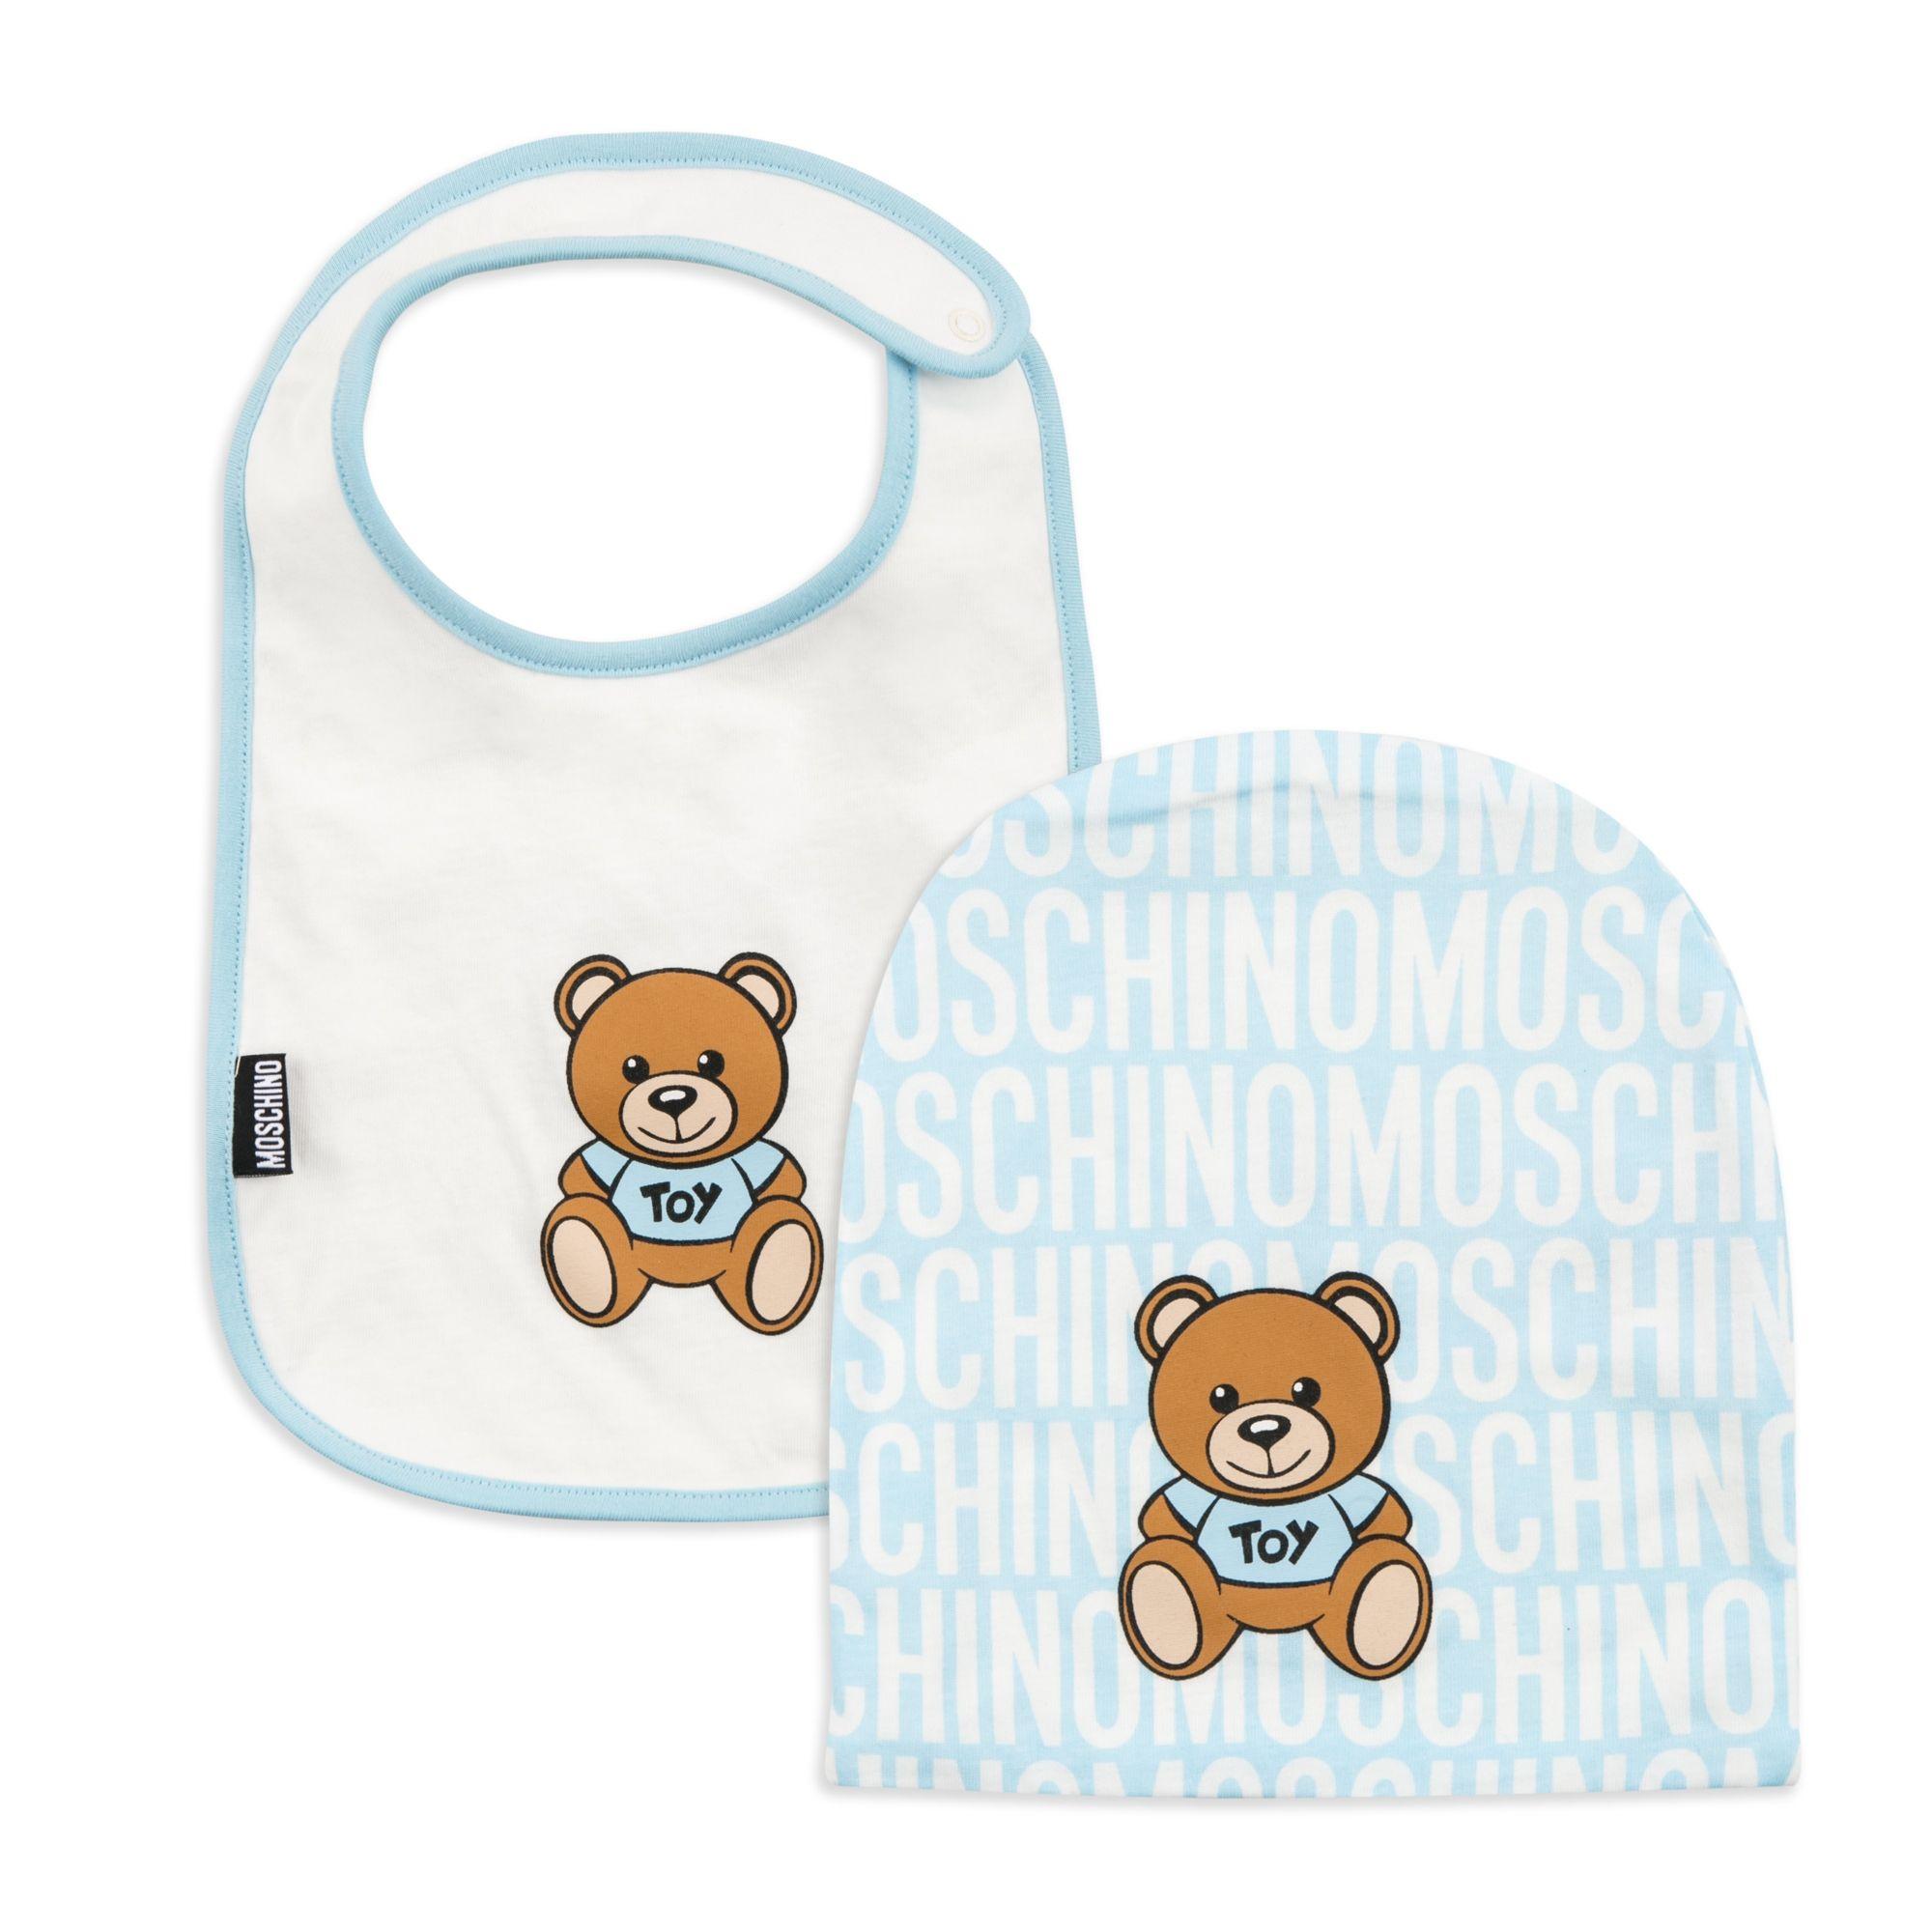 19393a8f0010 MOSCHINO Baby Boys Hat & Bib Gift Set - Blue Baby boys gift set • Soft